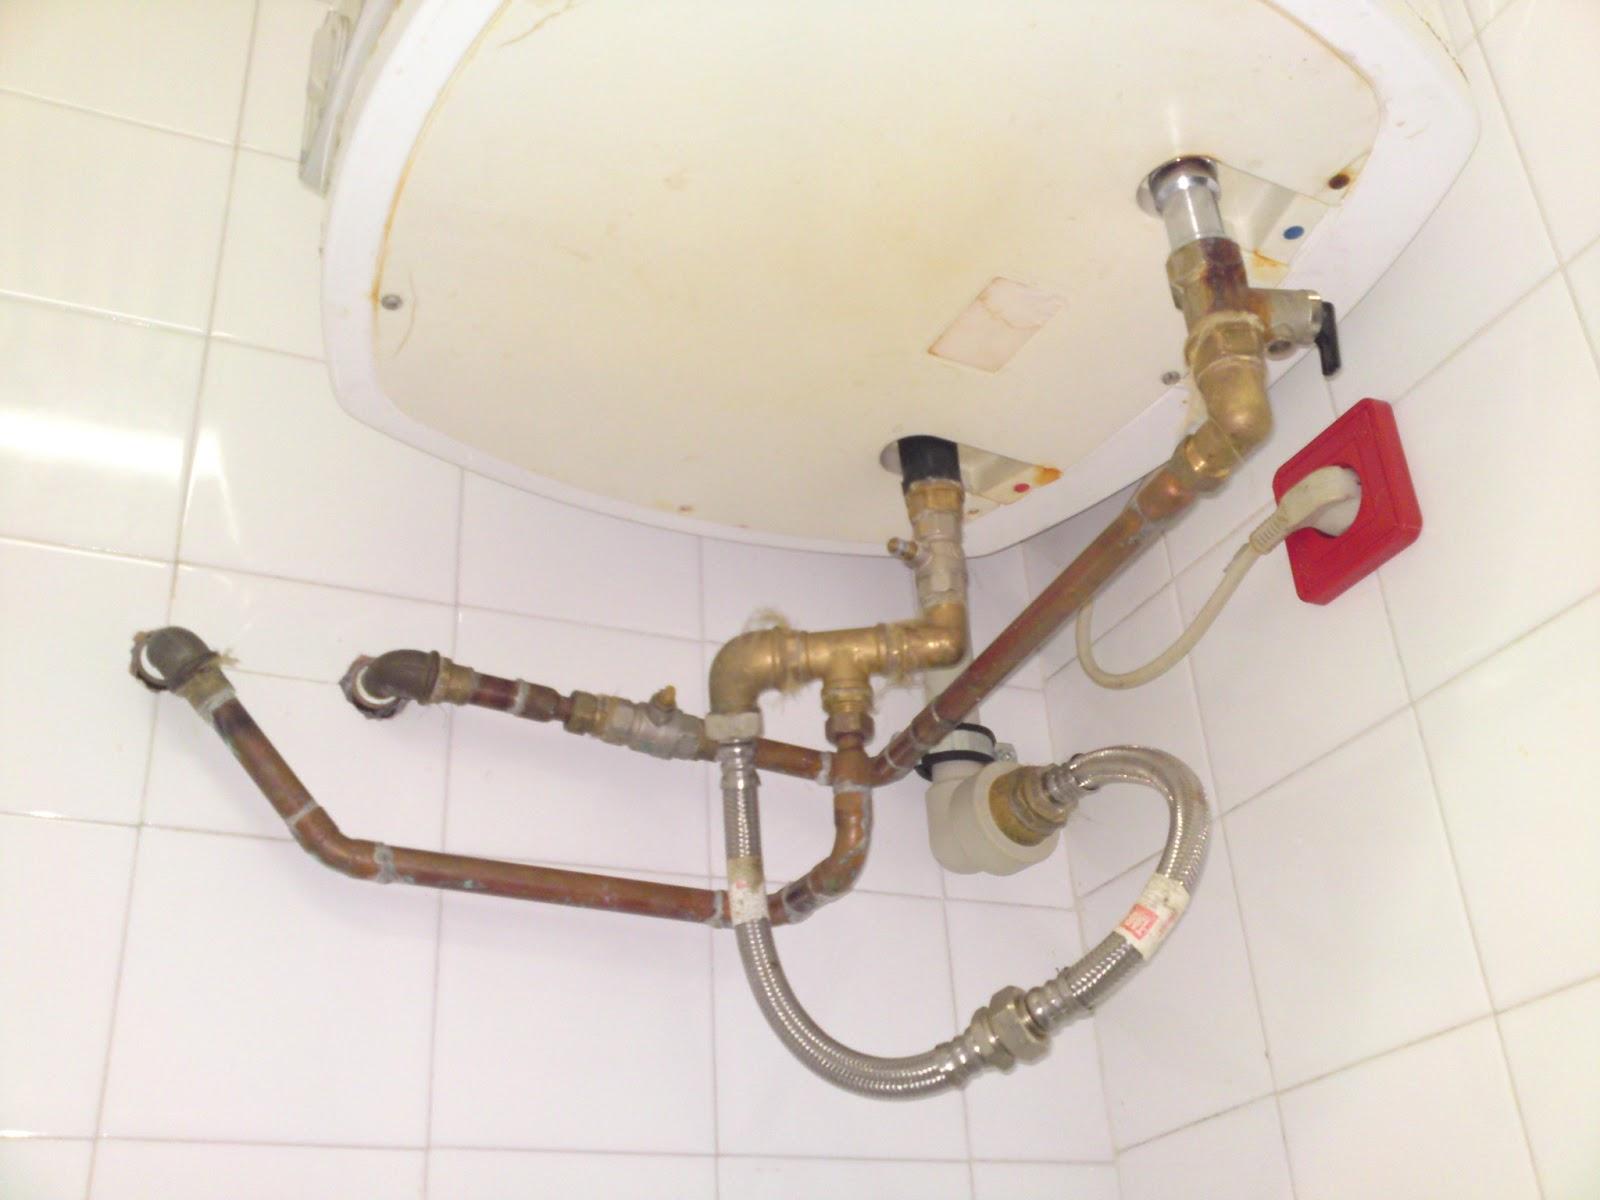 Instalaciones garc a instalaciones de fontaner a for Valvula de seguridad termo electrico